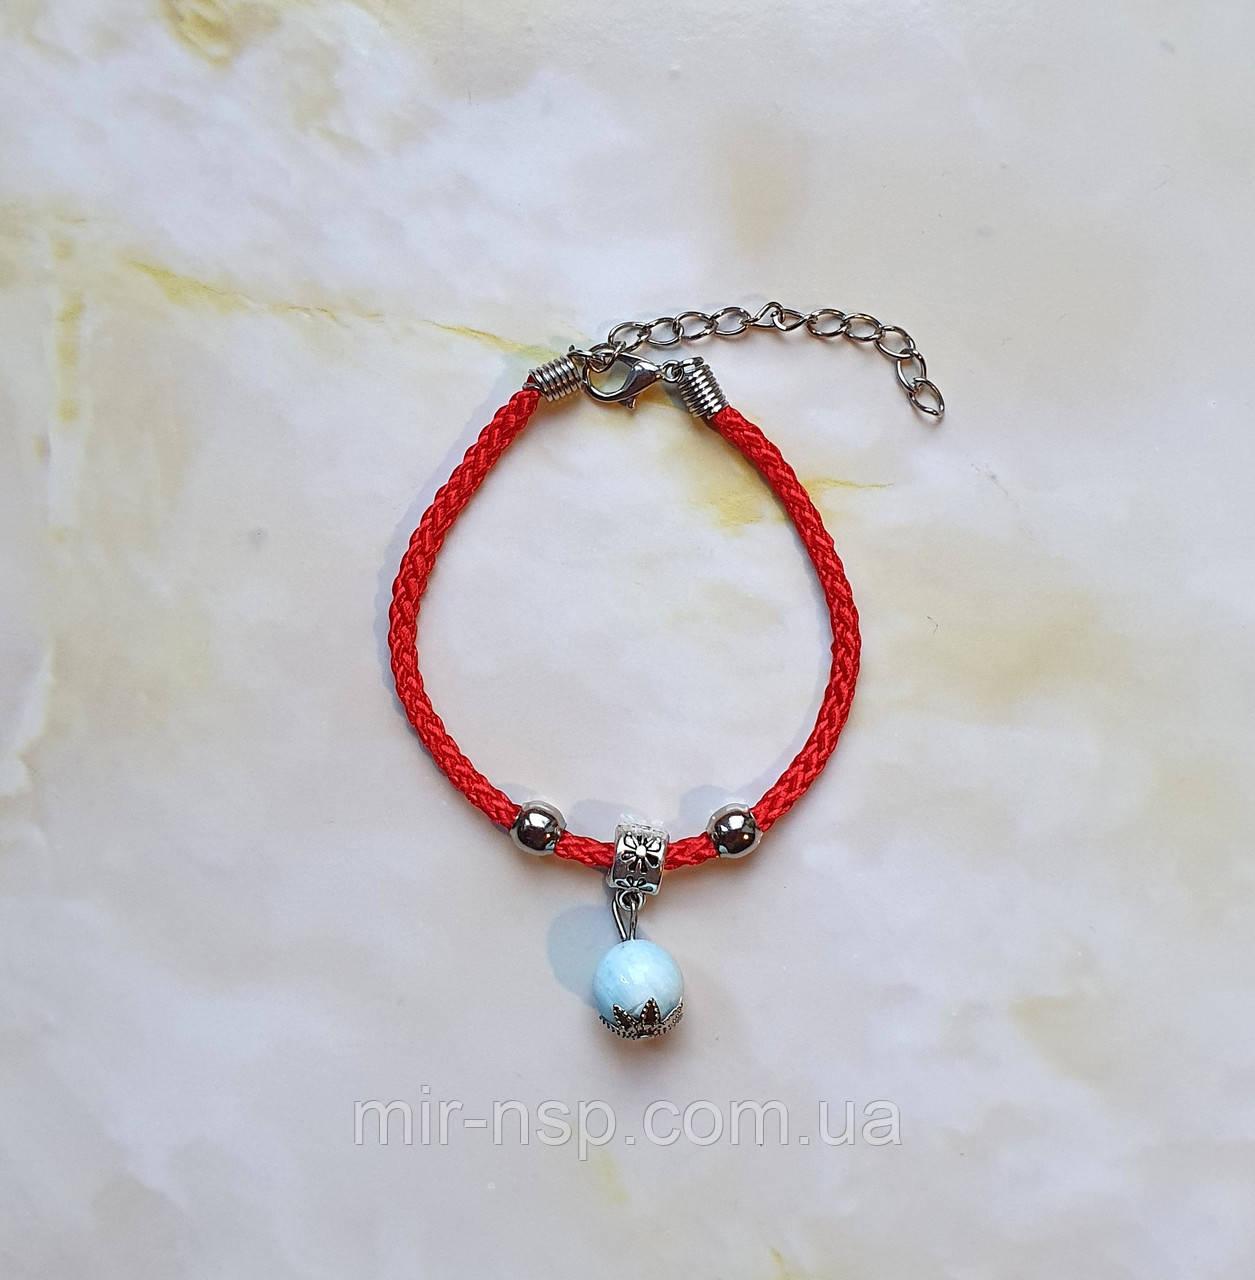 Красная нить оберег натуральный камень Ларимар